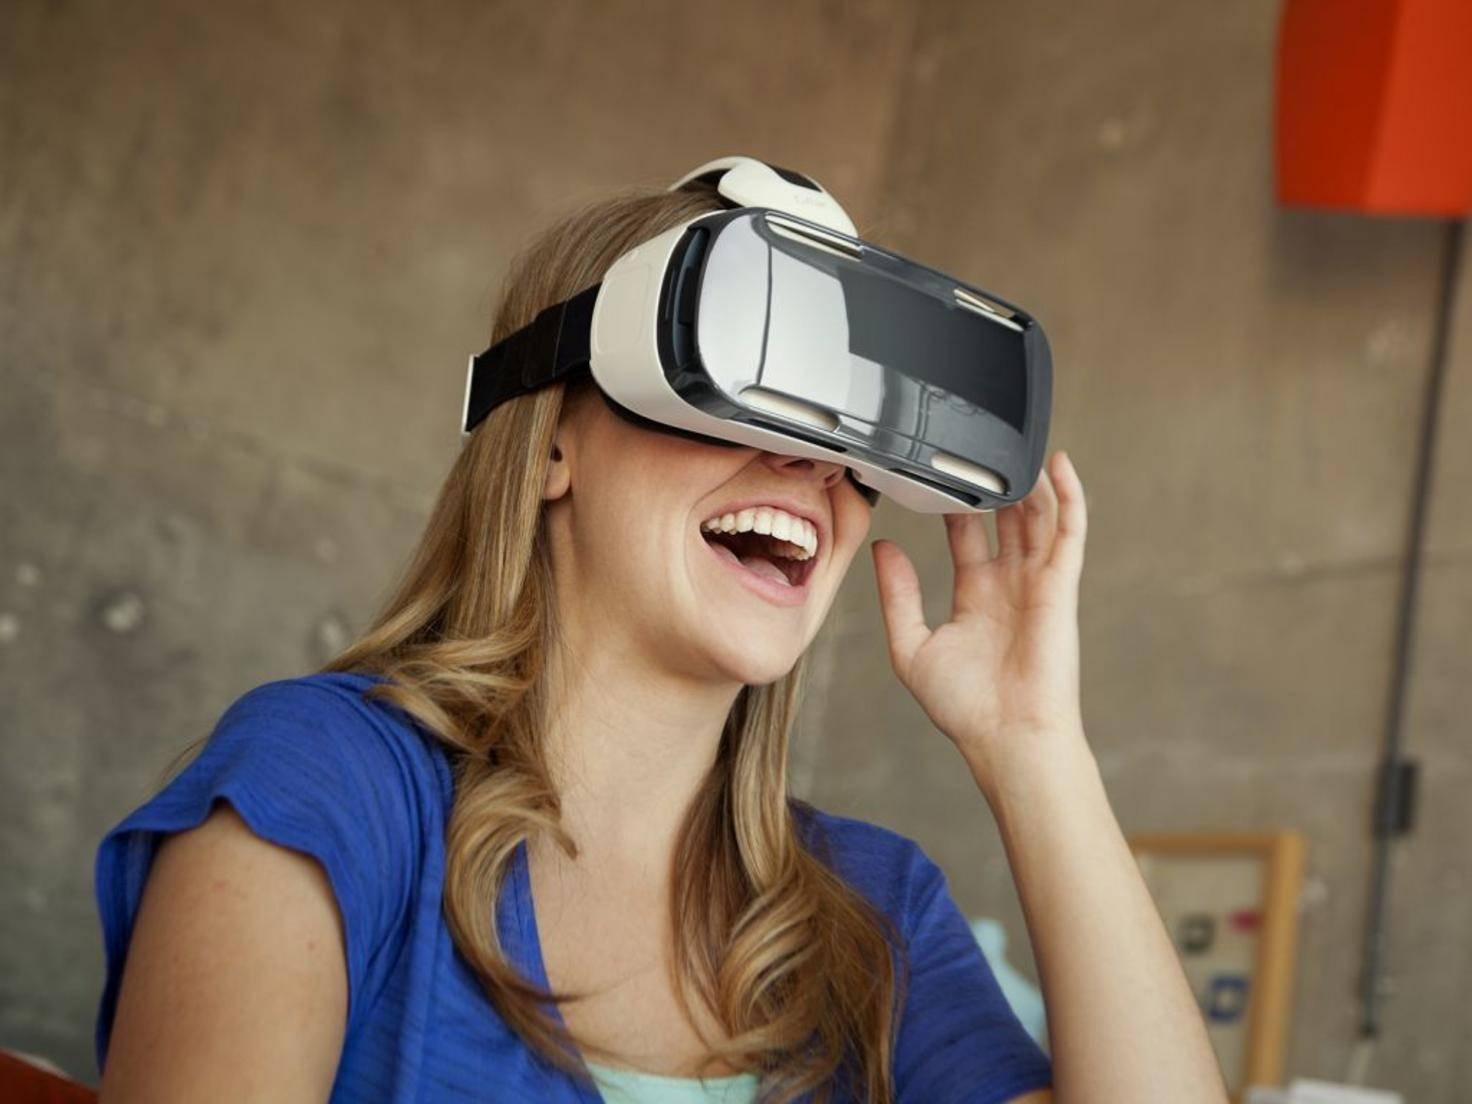 Die Samsung Gear VR ist eine Kunststoffbrille, in der man sein Smartphone als Bildschirm nutzt, ebenso wie ...